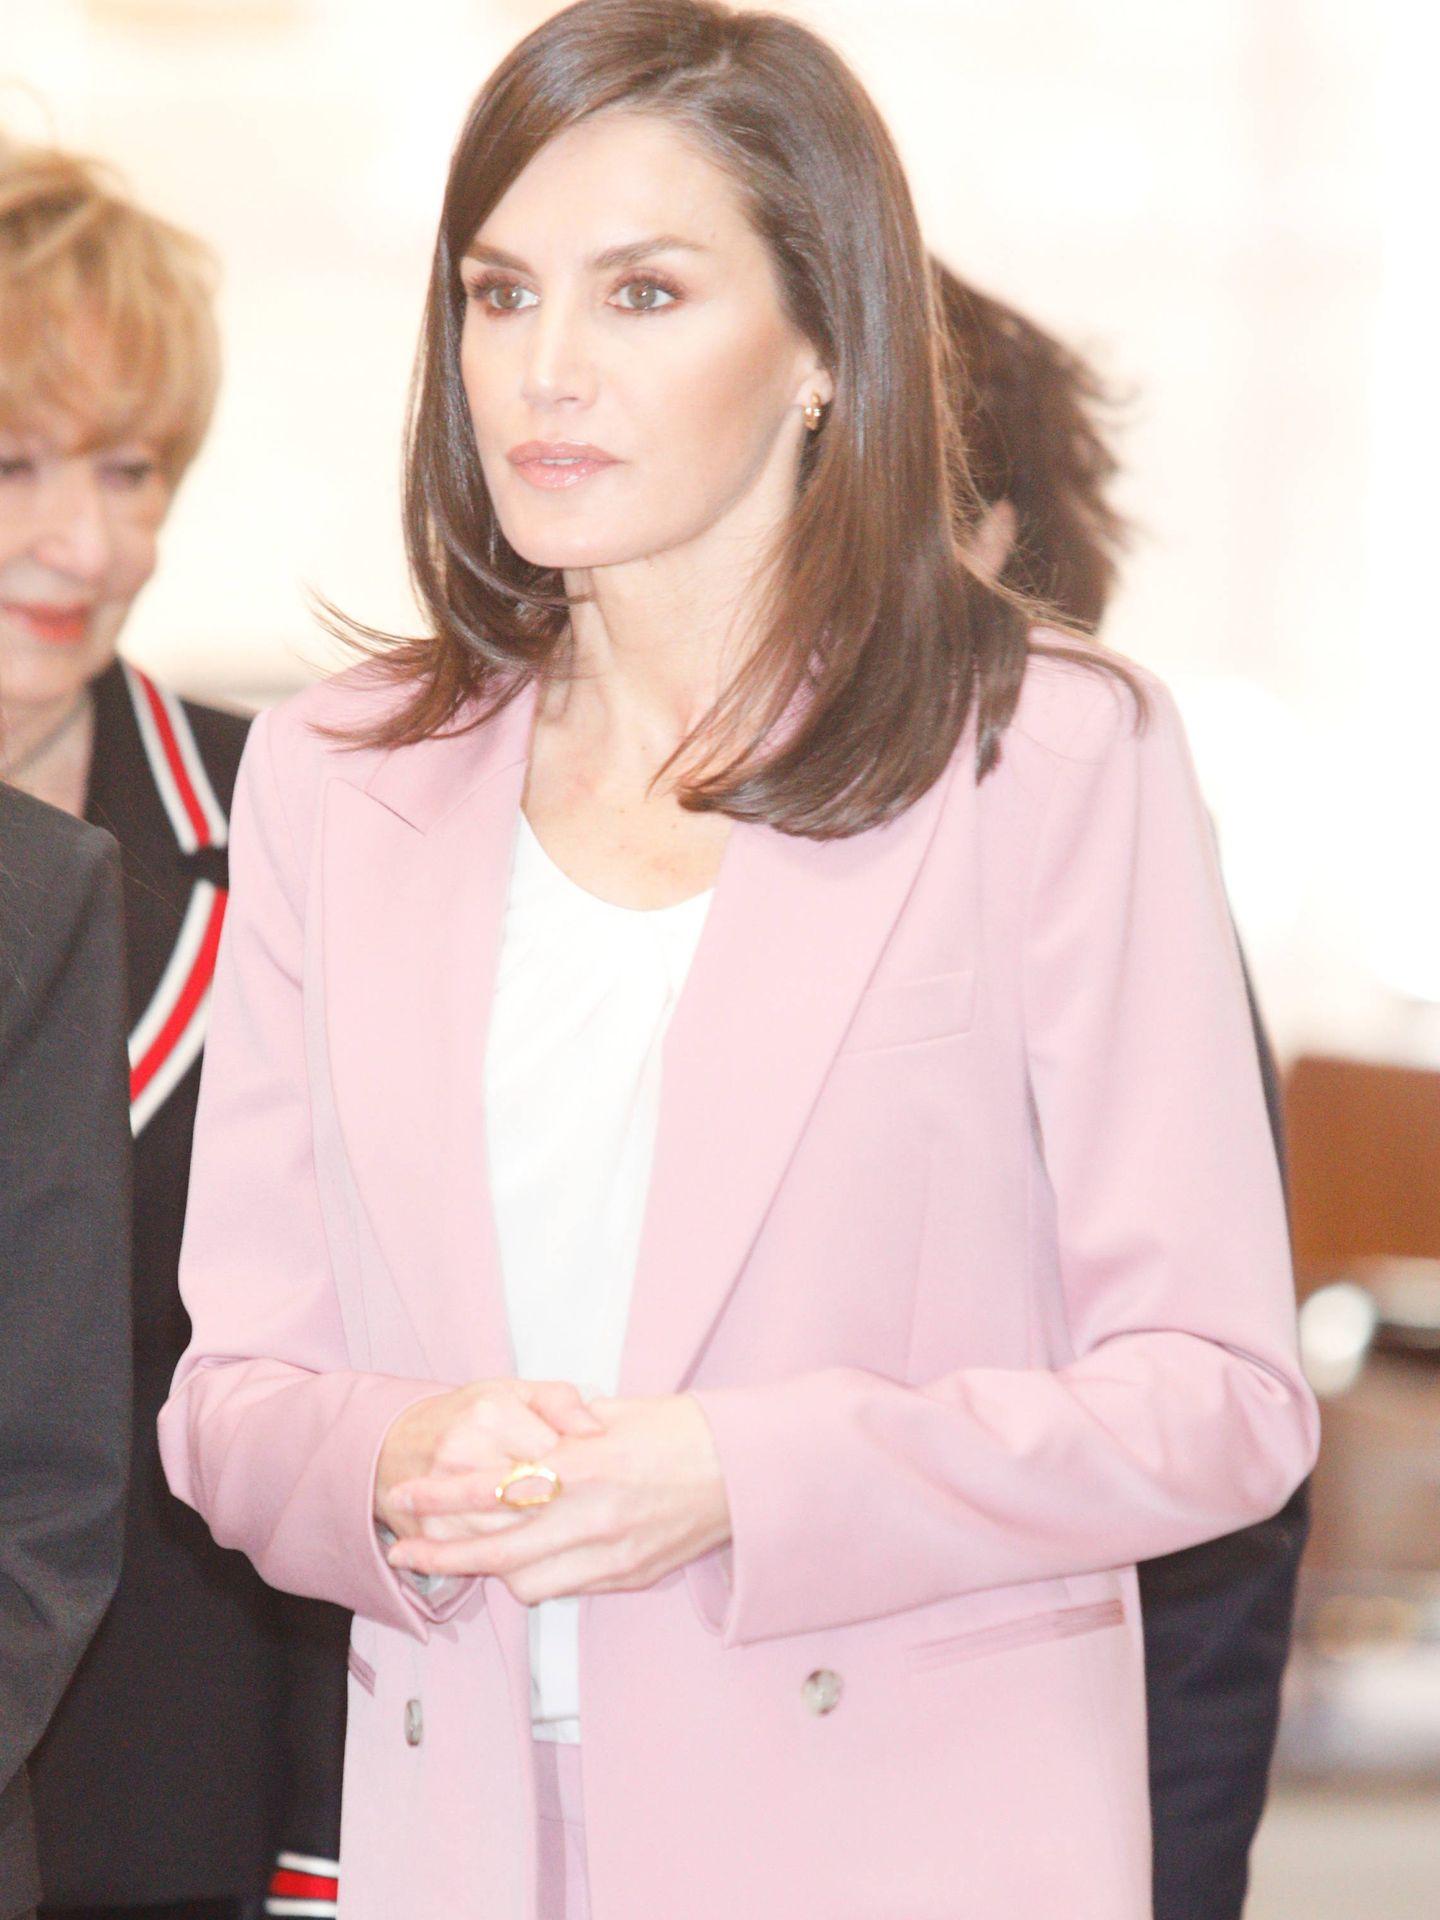 La reina Letizia, con los pendientes. (Limited Pictures)